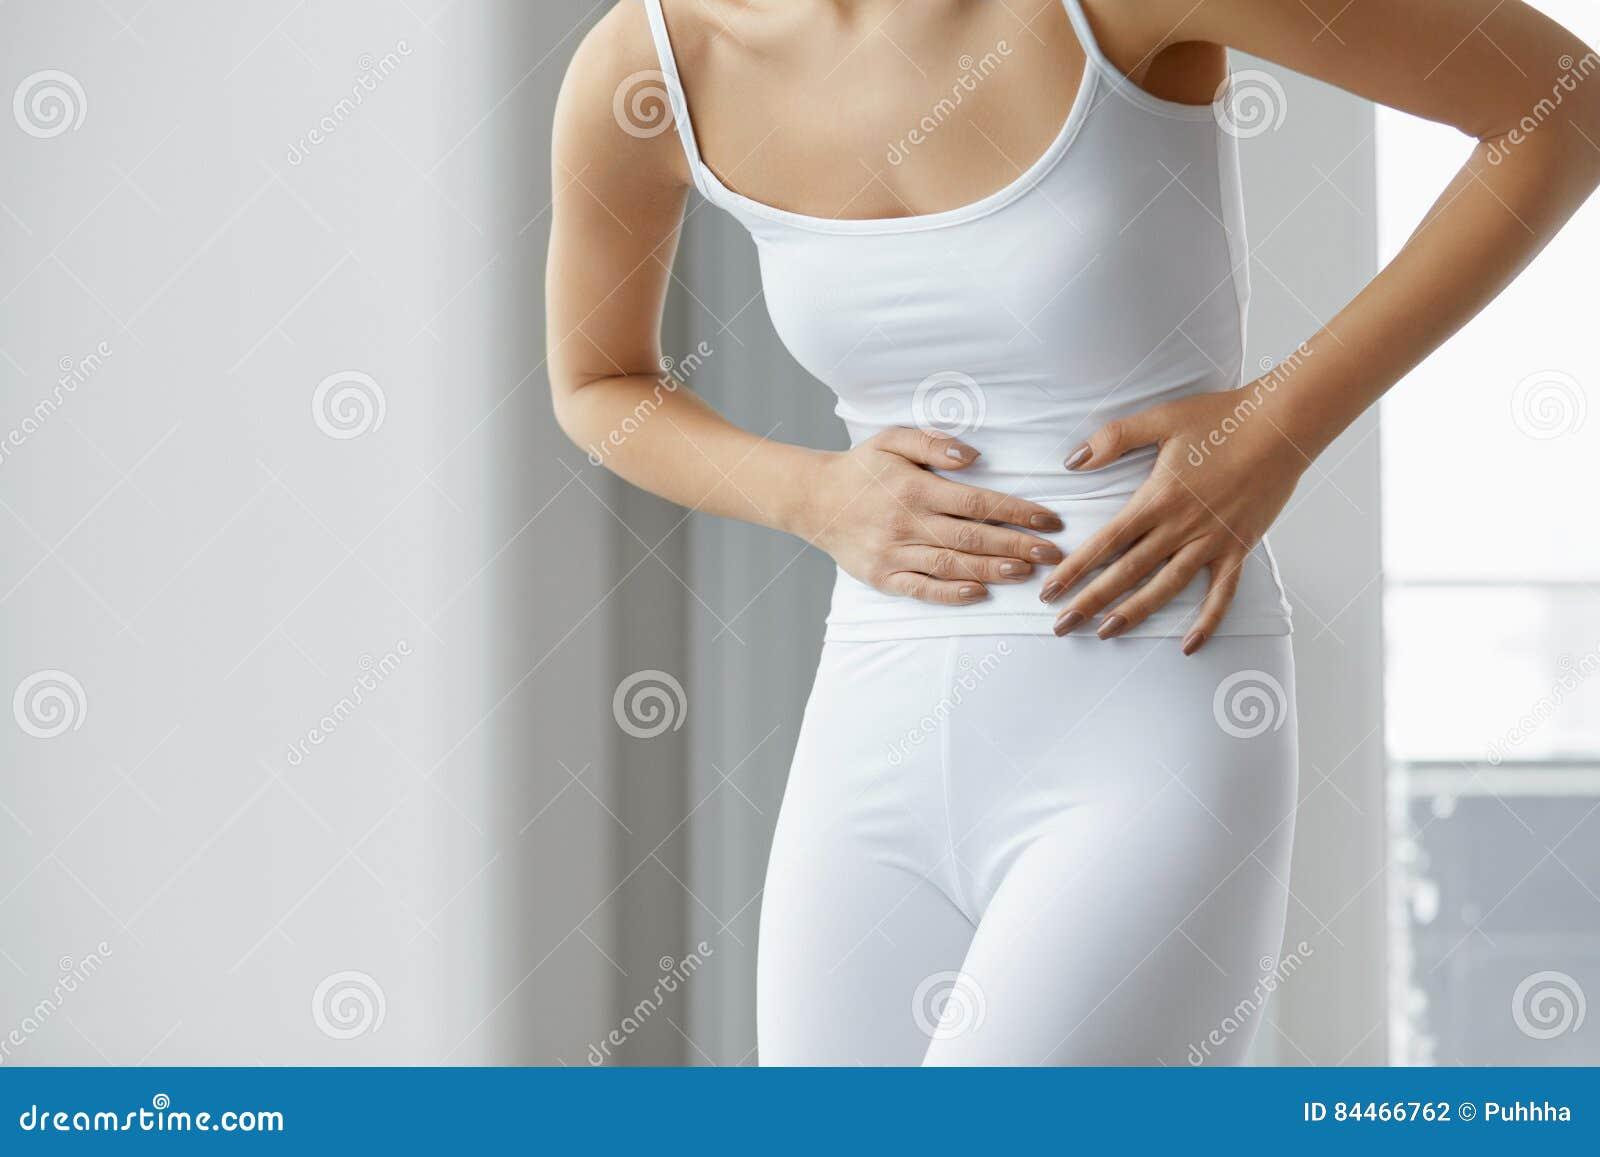 Dolor Femenino Dolor De Estómago Hermoso De La Sensación De Cuerpo ...